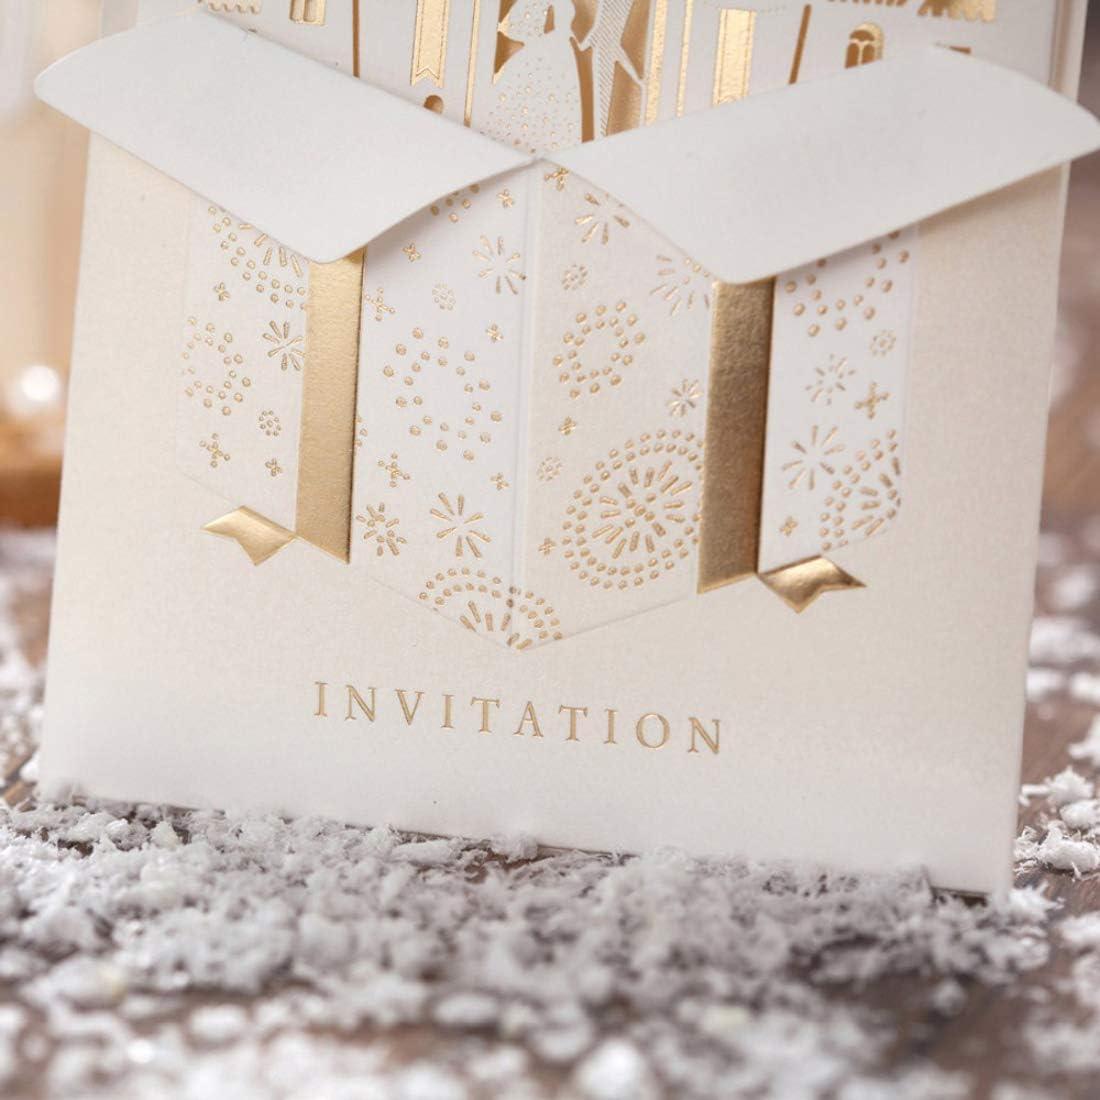 WISHMADE Einladungskarten Hochzeit 50 St/ück Laserschnitt Feenhaftes Gold 3D das Braut und Br/äutigam in den Schloss-Einladungen f/ür Verlobungs-Brautparty-Jahrestags-Ehe Herr Mrs Invites vergoldet